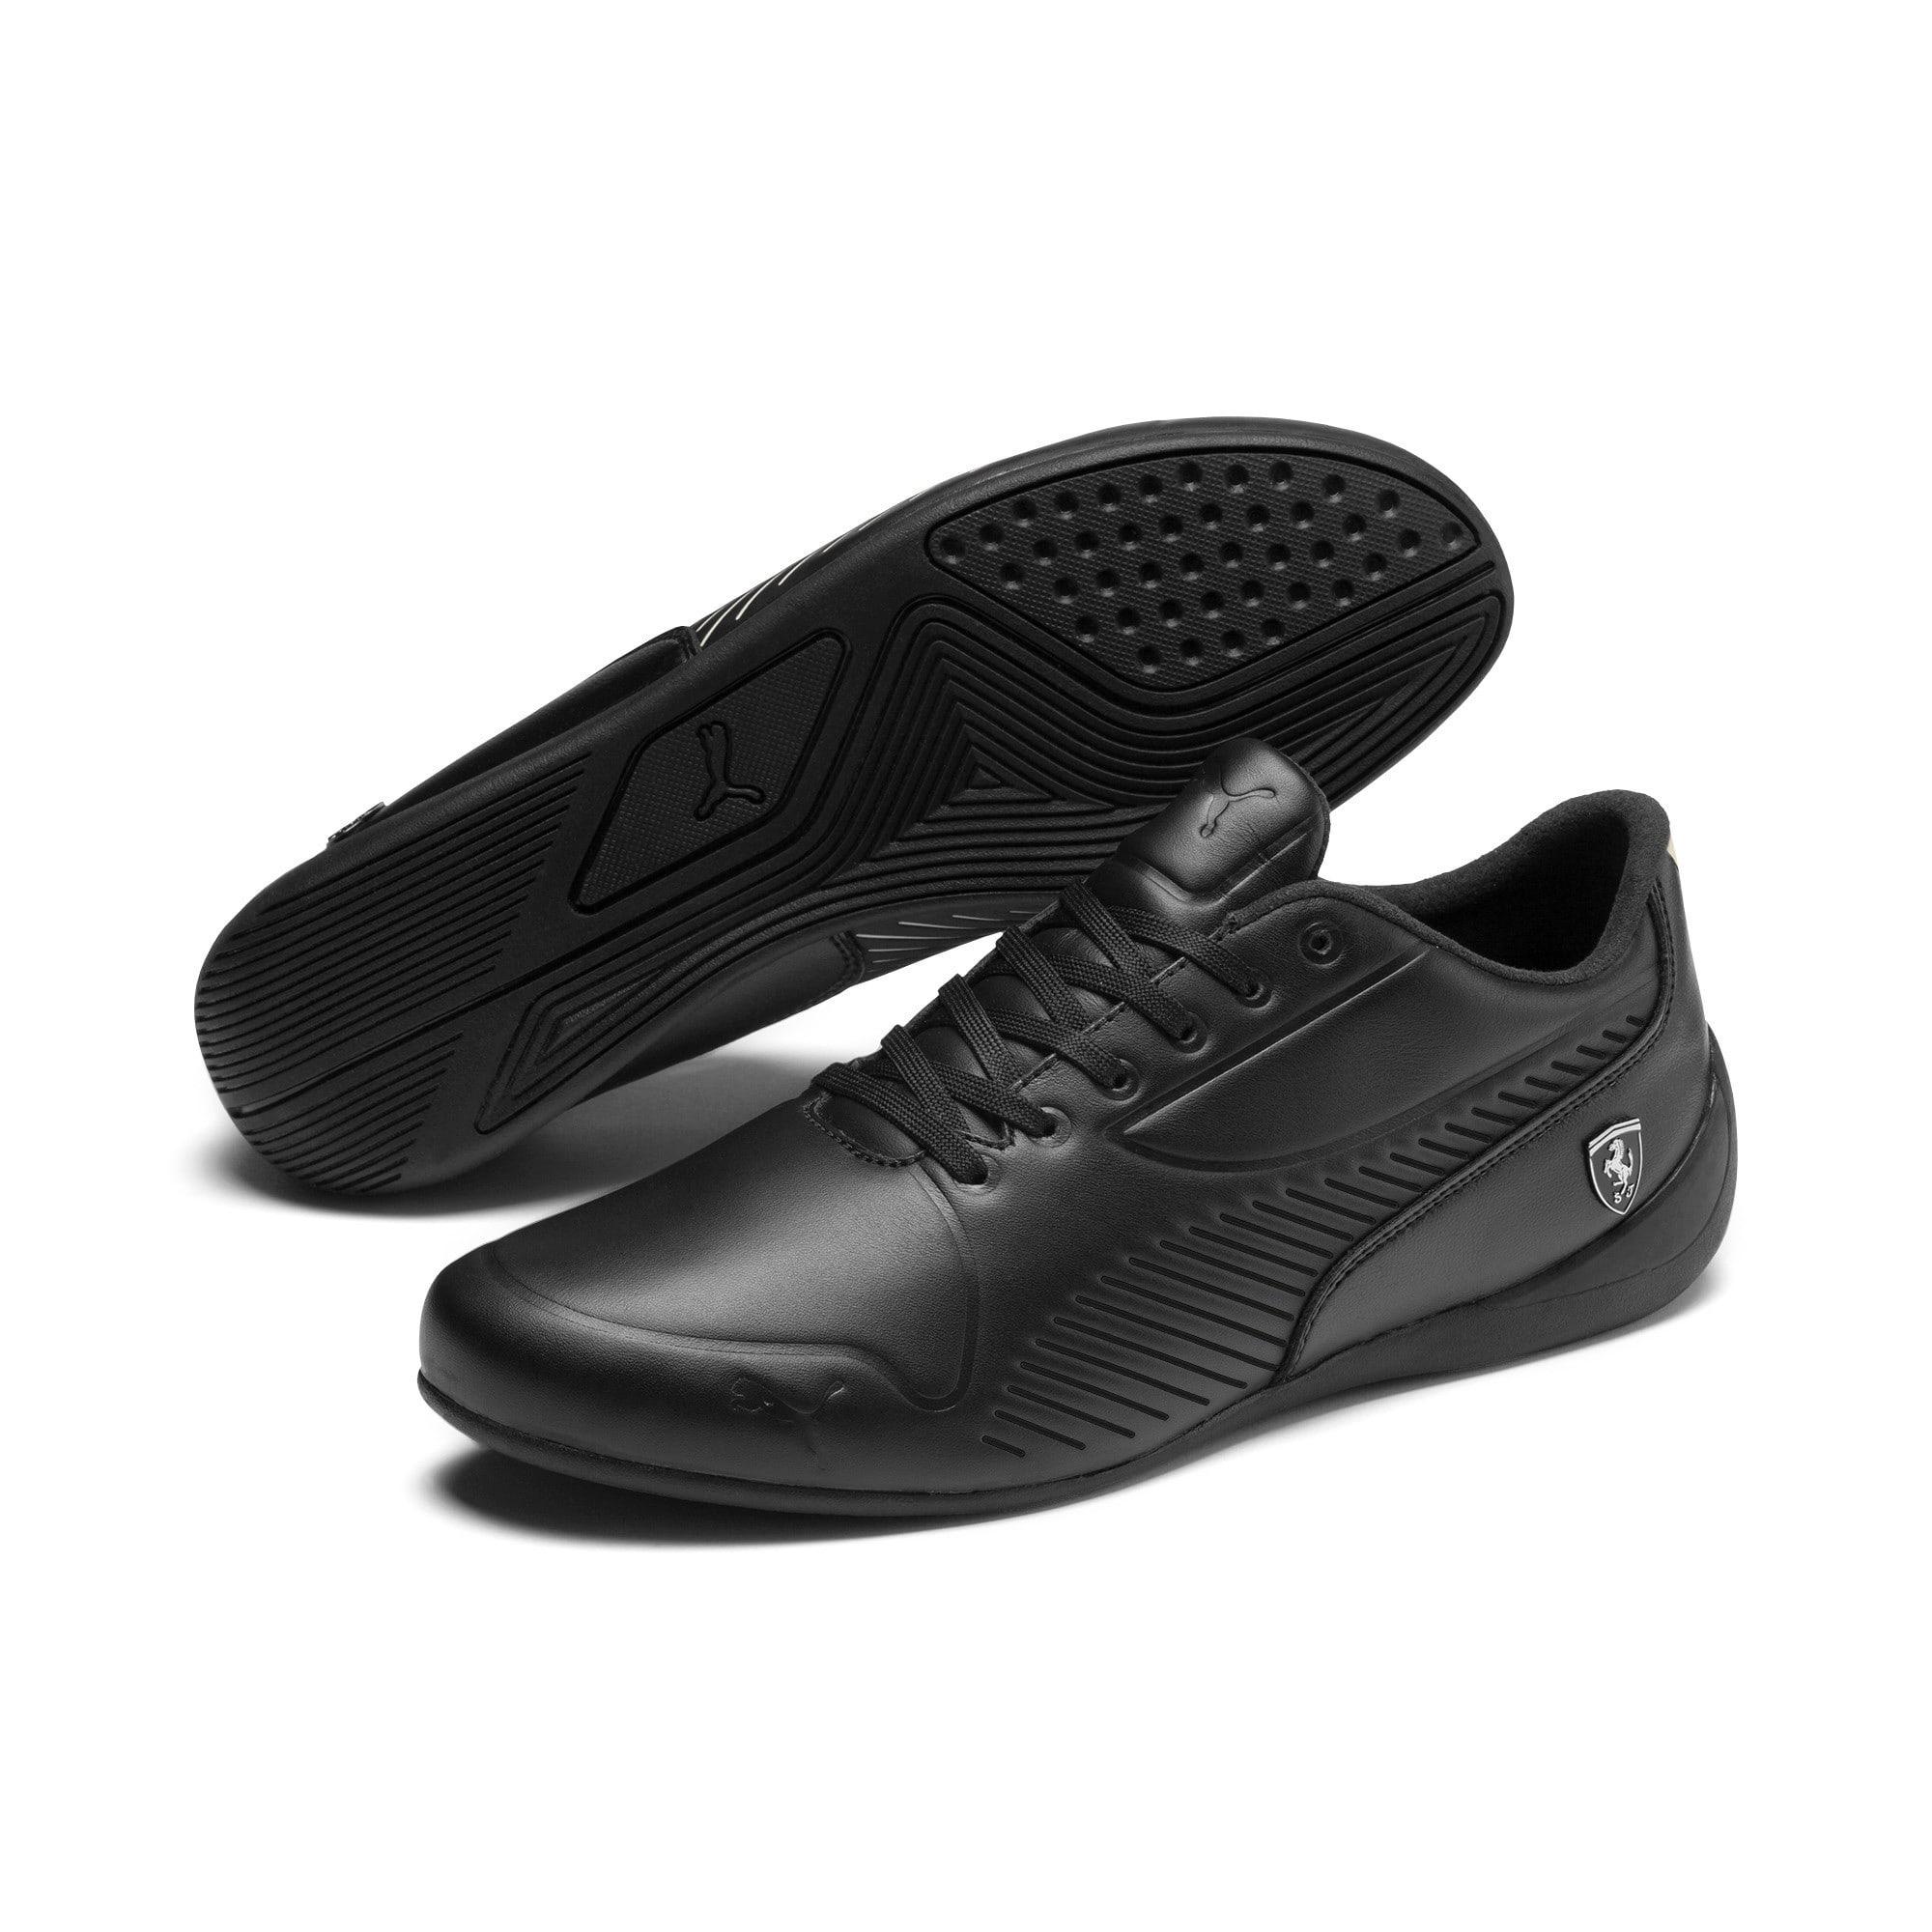 Thumbnail 5 of Scuderia Ferrari Drift Cat 7S Ultra LS Men's Shoes, Puma Black-Pastel Parchment, medium